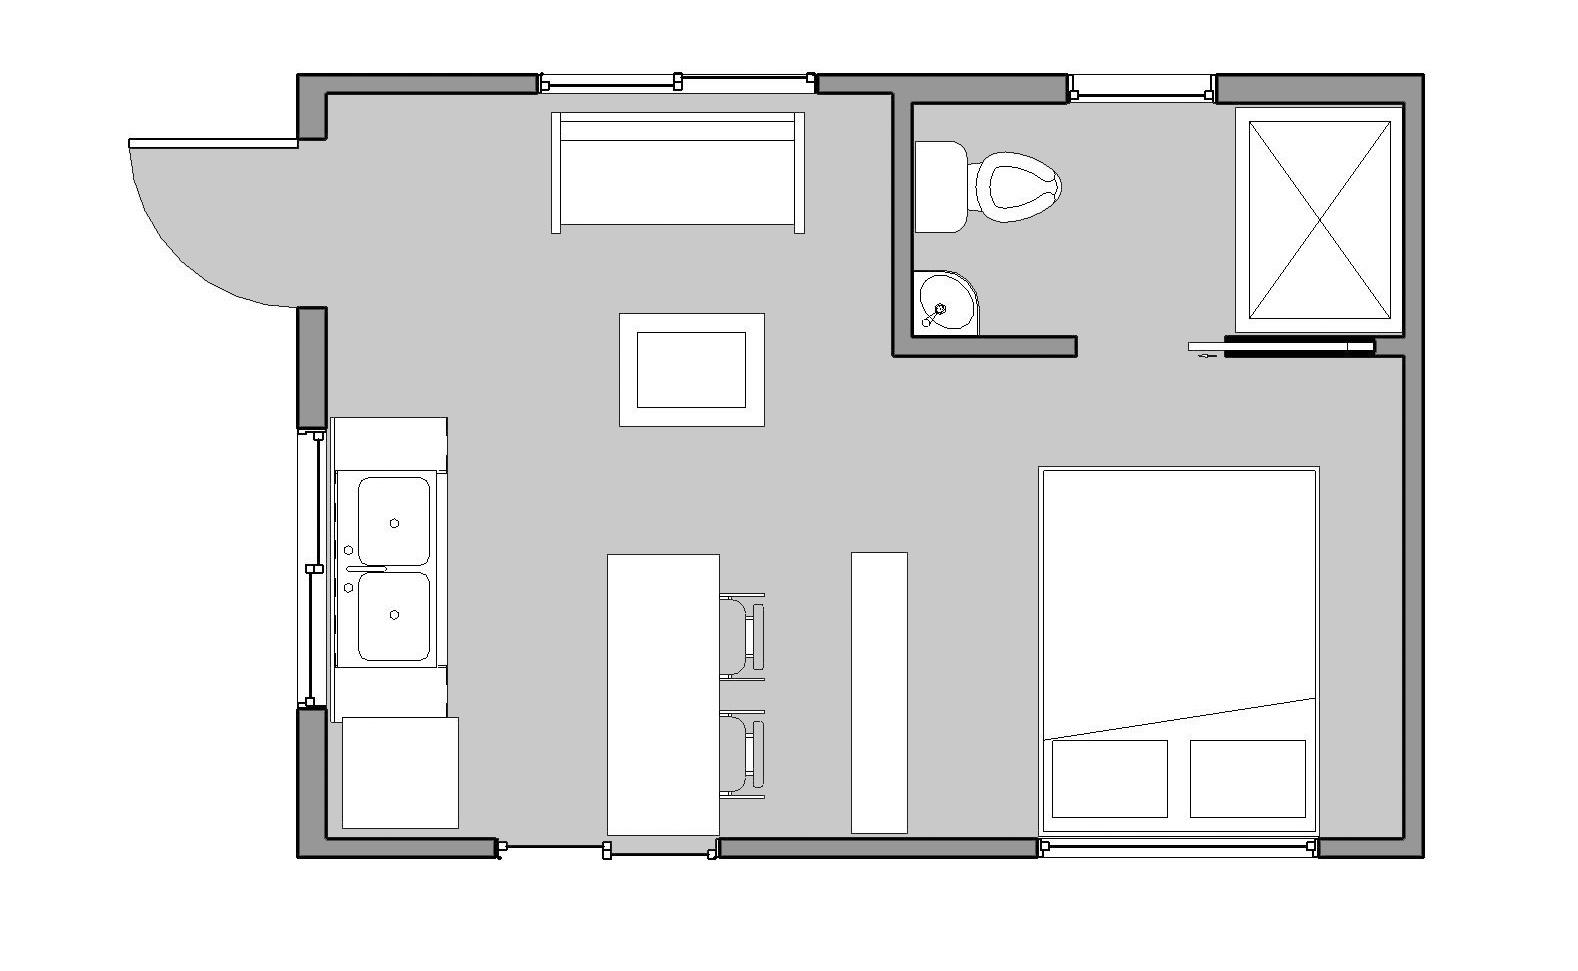 14' x 20' - Sheet - A101 - Floor Plan.jpg